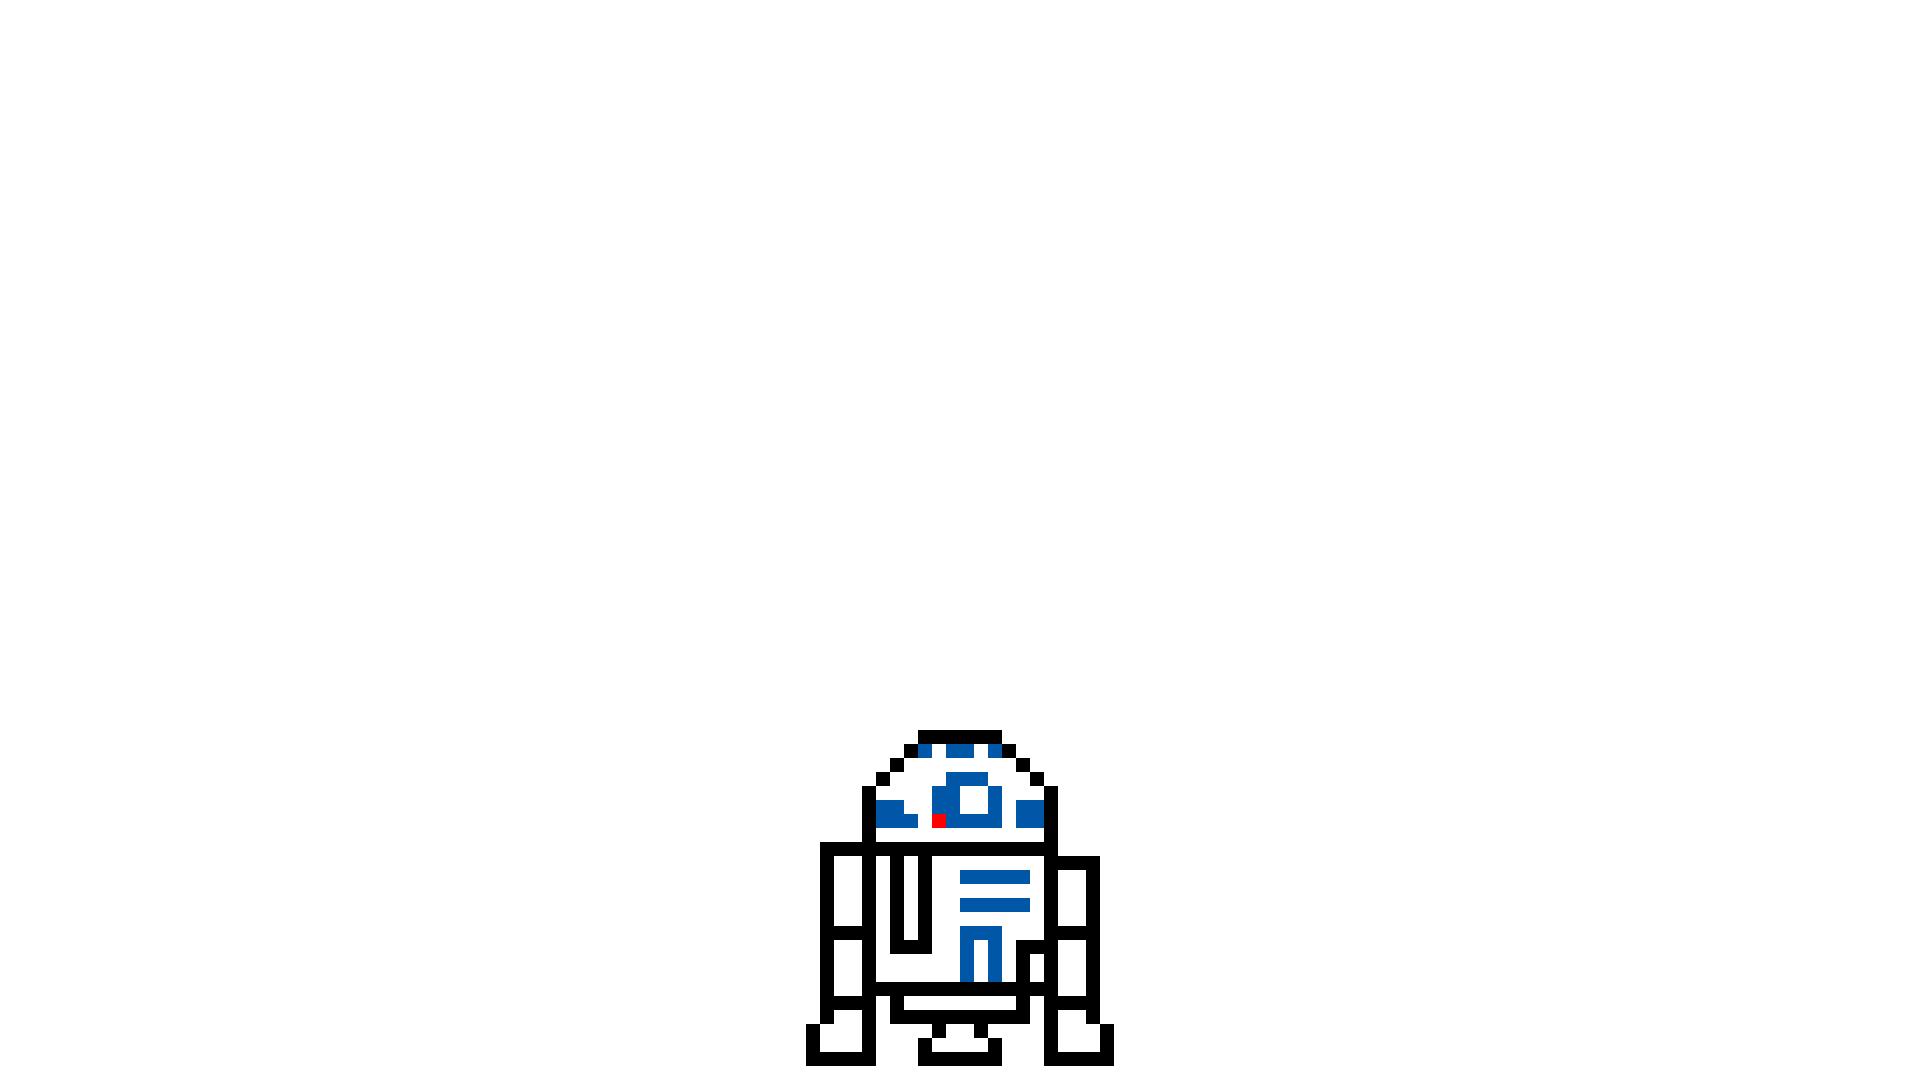 デスクトップ壁紙 スターウォーズ ピクセルアート ロゴ R2 D2